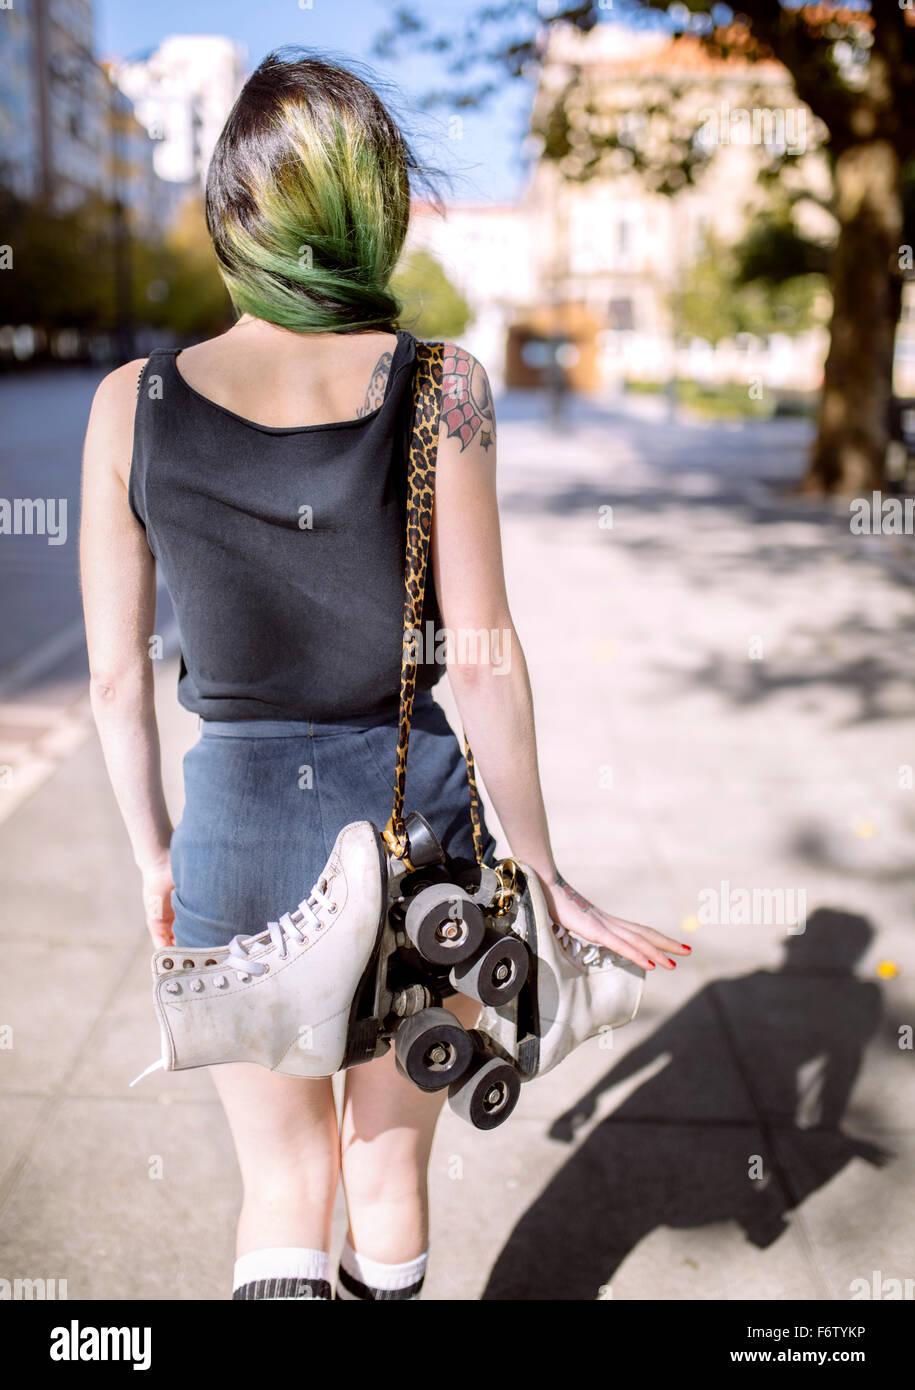 L'Espagne, Gijon, vue arrière de jeune femme aux cheveux teints vert portant des patins sur épauleBanque D'Images